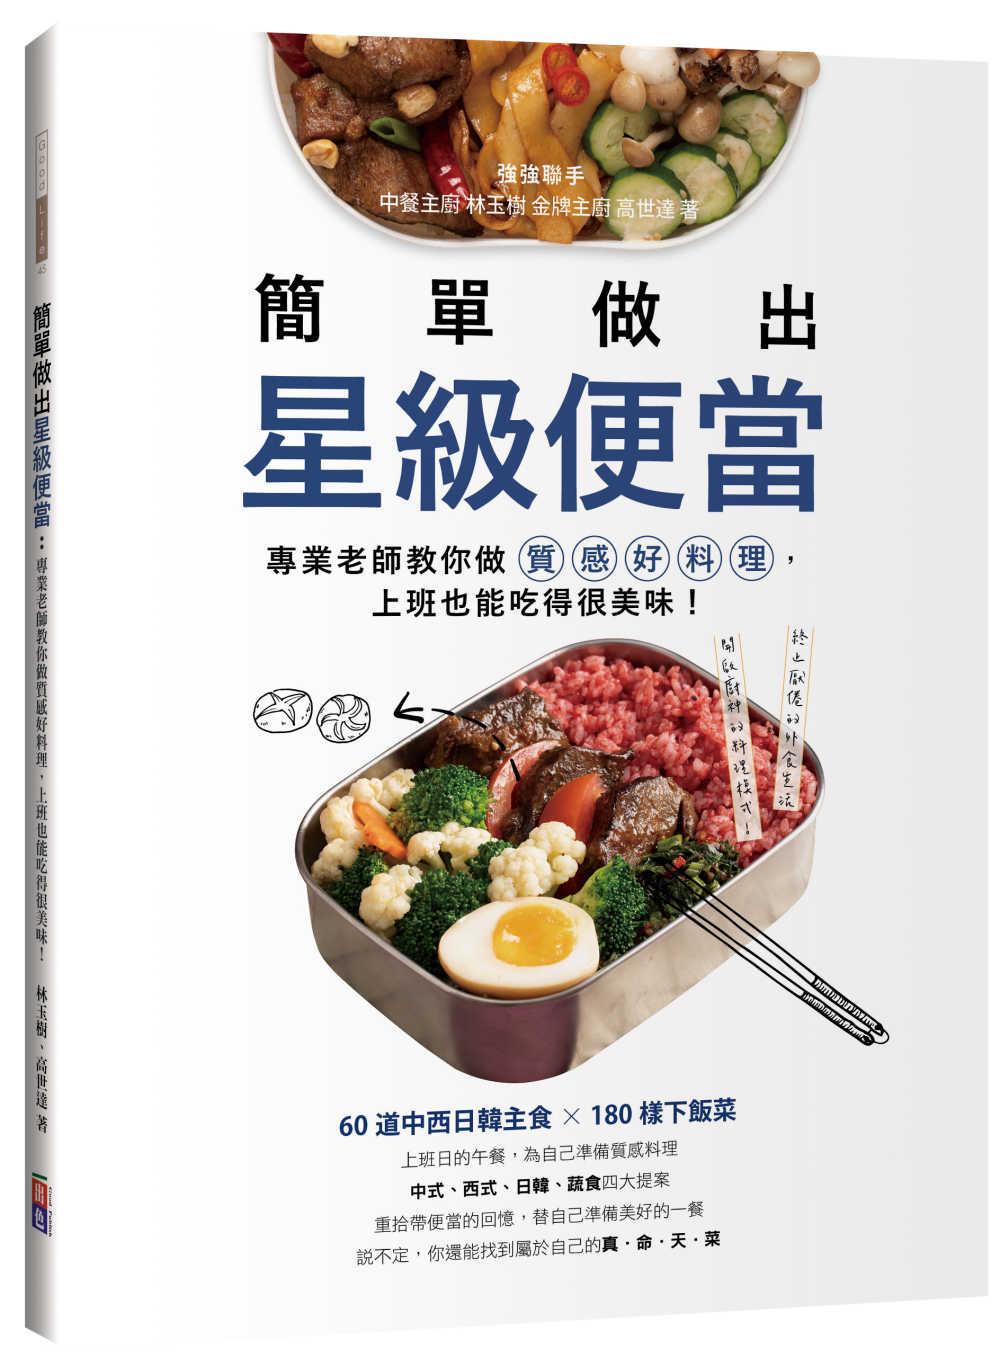 簡單做出星級便當:專業老師教你做質感好料理,上班也能吃得很美味!